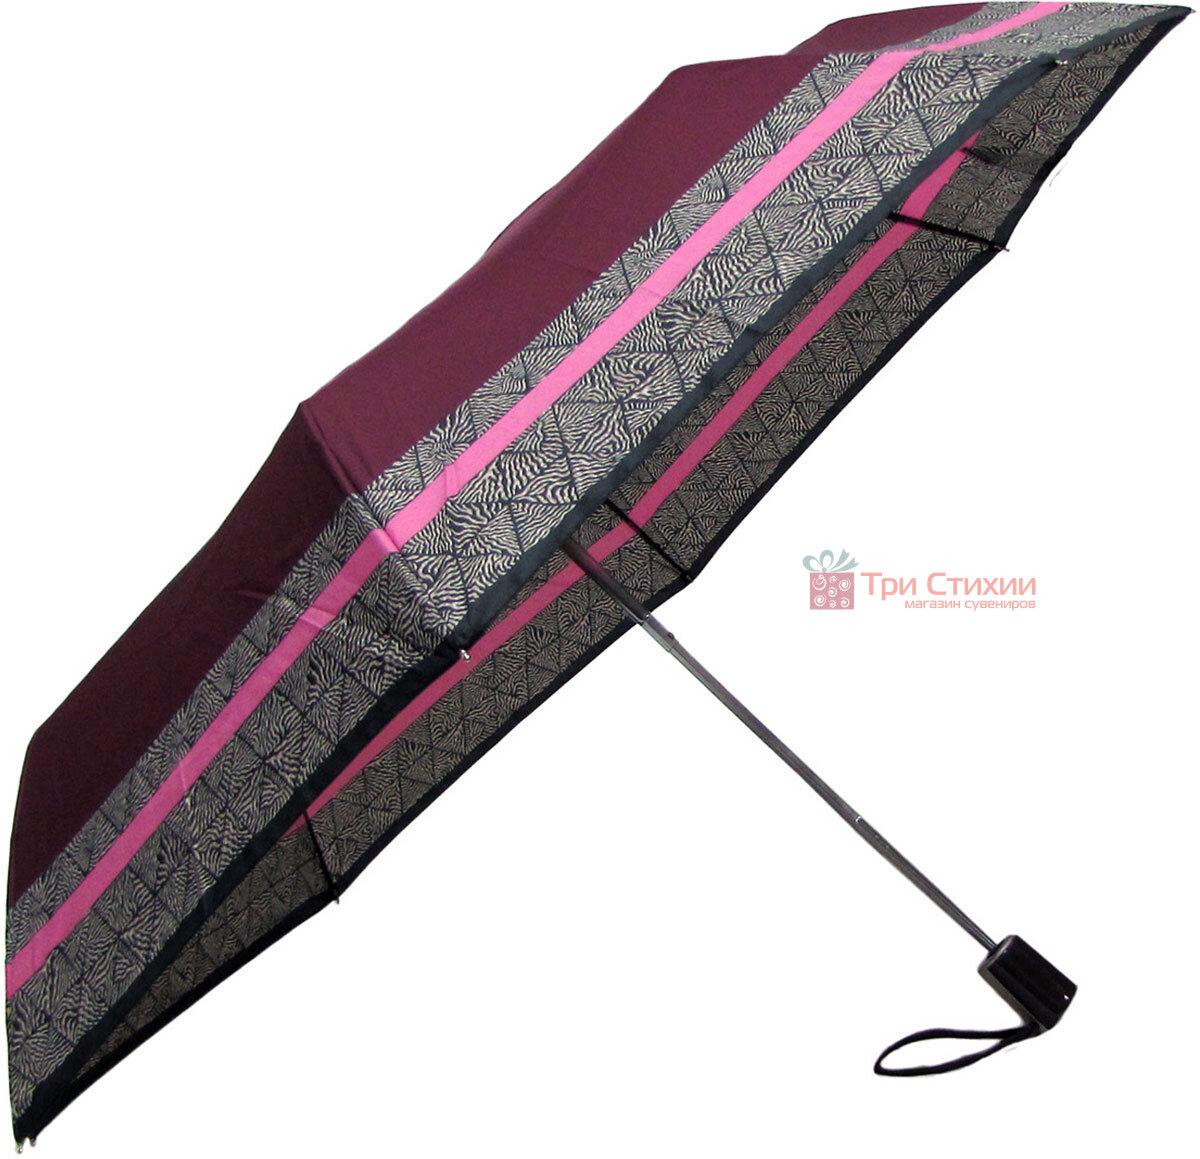 Зонт складной Doppler 7301653003-1 полуавтомат Бордовый Кант, фото 3